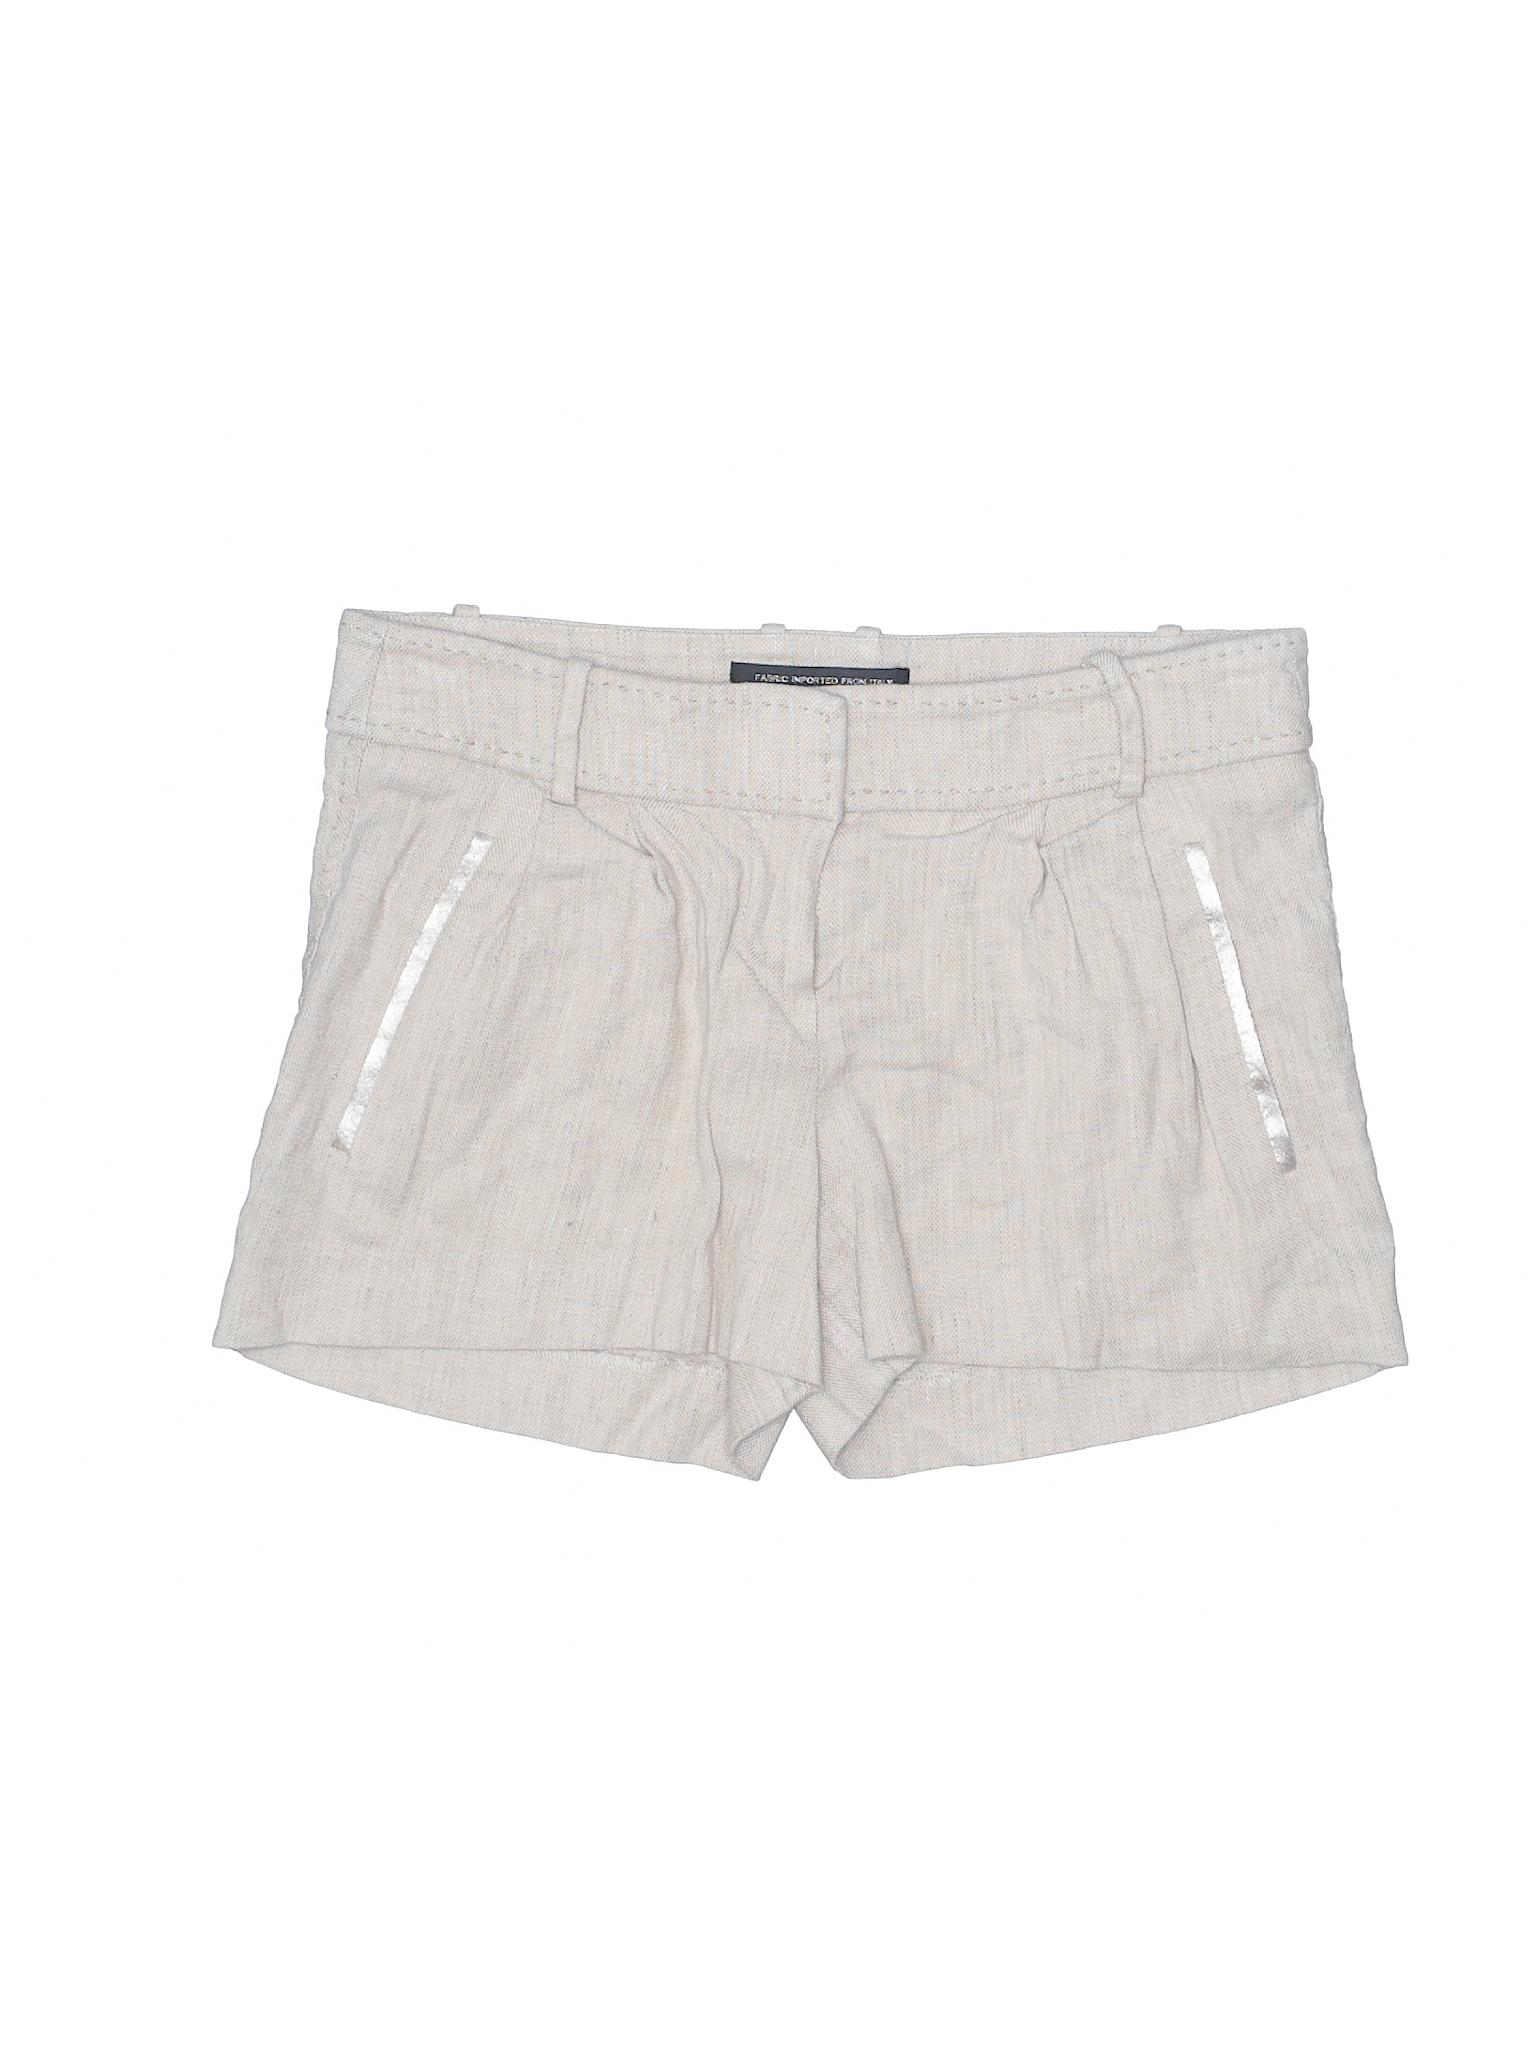 Dressy Boutique leisure Shorts Shorts Bebe leisure Bebe Boutique Dressy Boutique Pv7q5nZxw